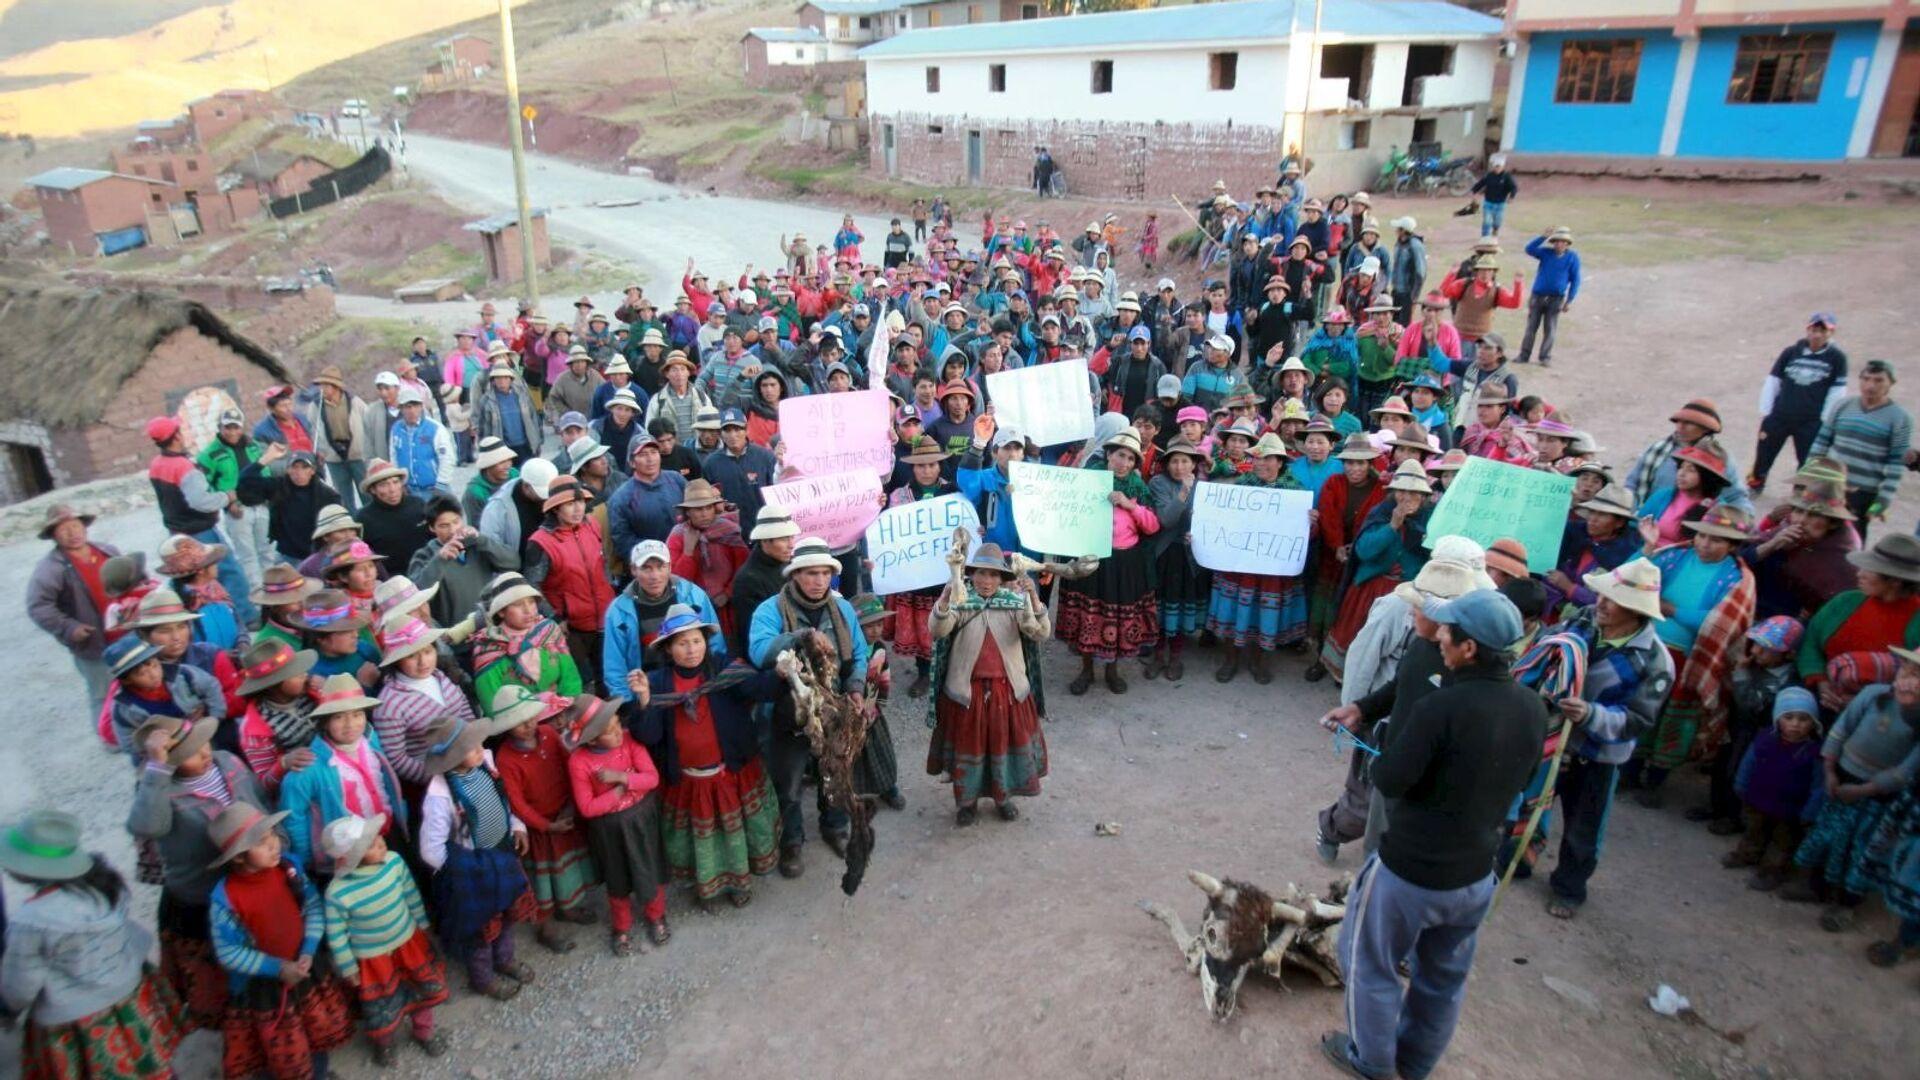 Las protestas contra la explotación del yacimiento minero Las Bambas - Sputnik Mundo, 1920, 28.09.2021